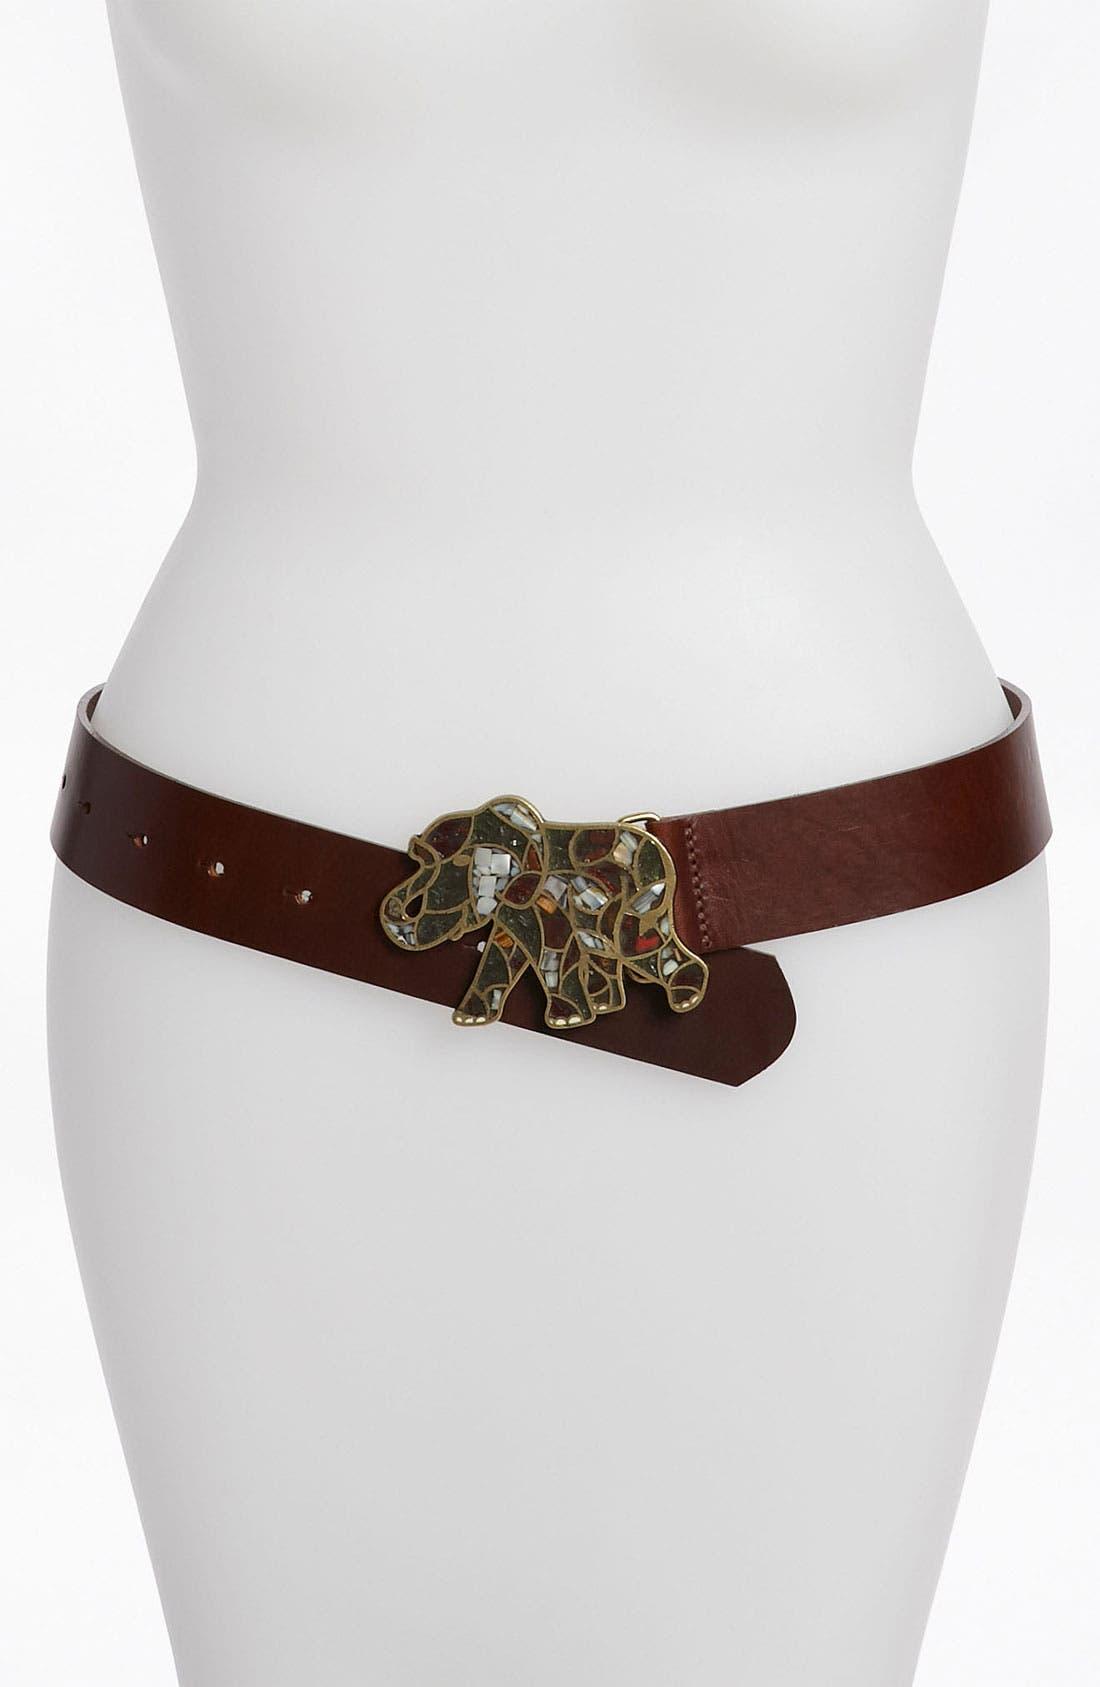 Main Image - Belgo Lux 'Elephant' Belt